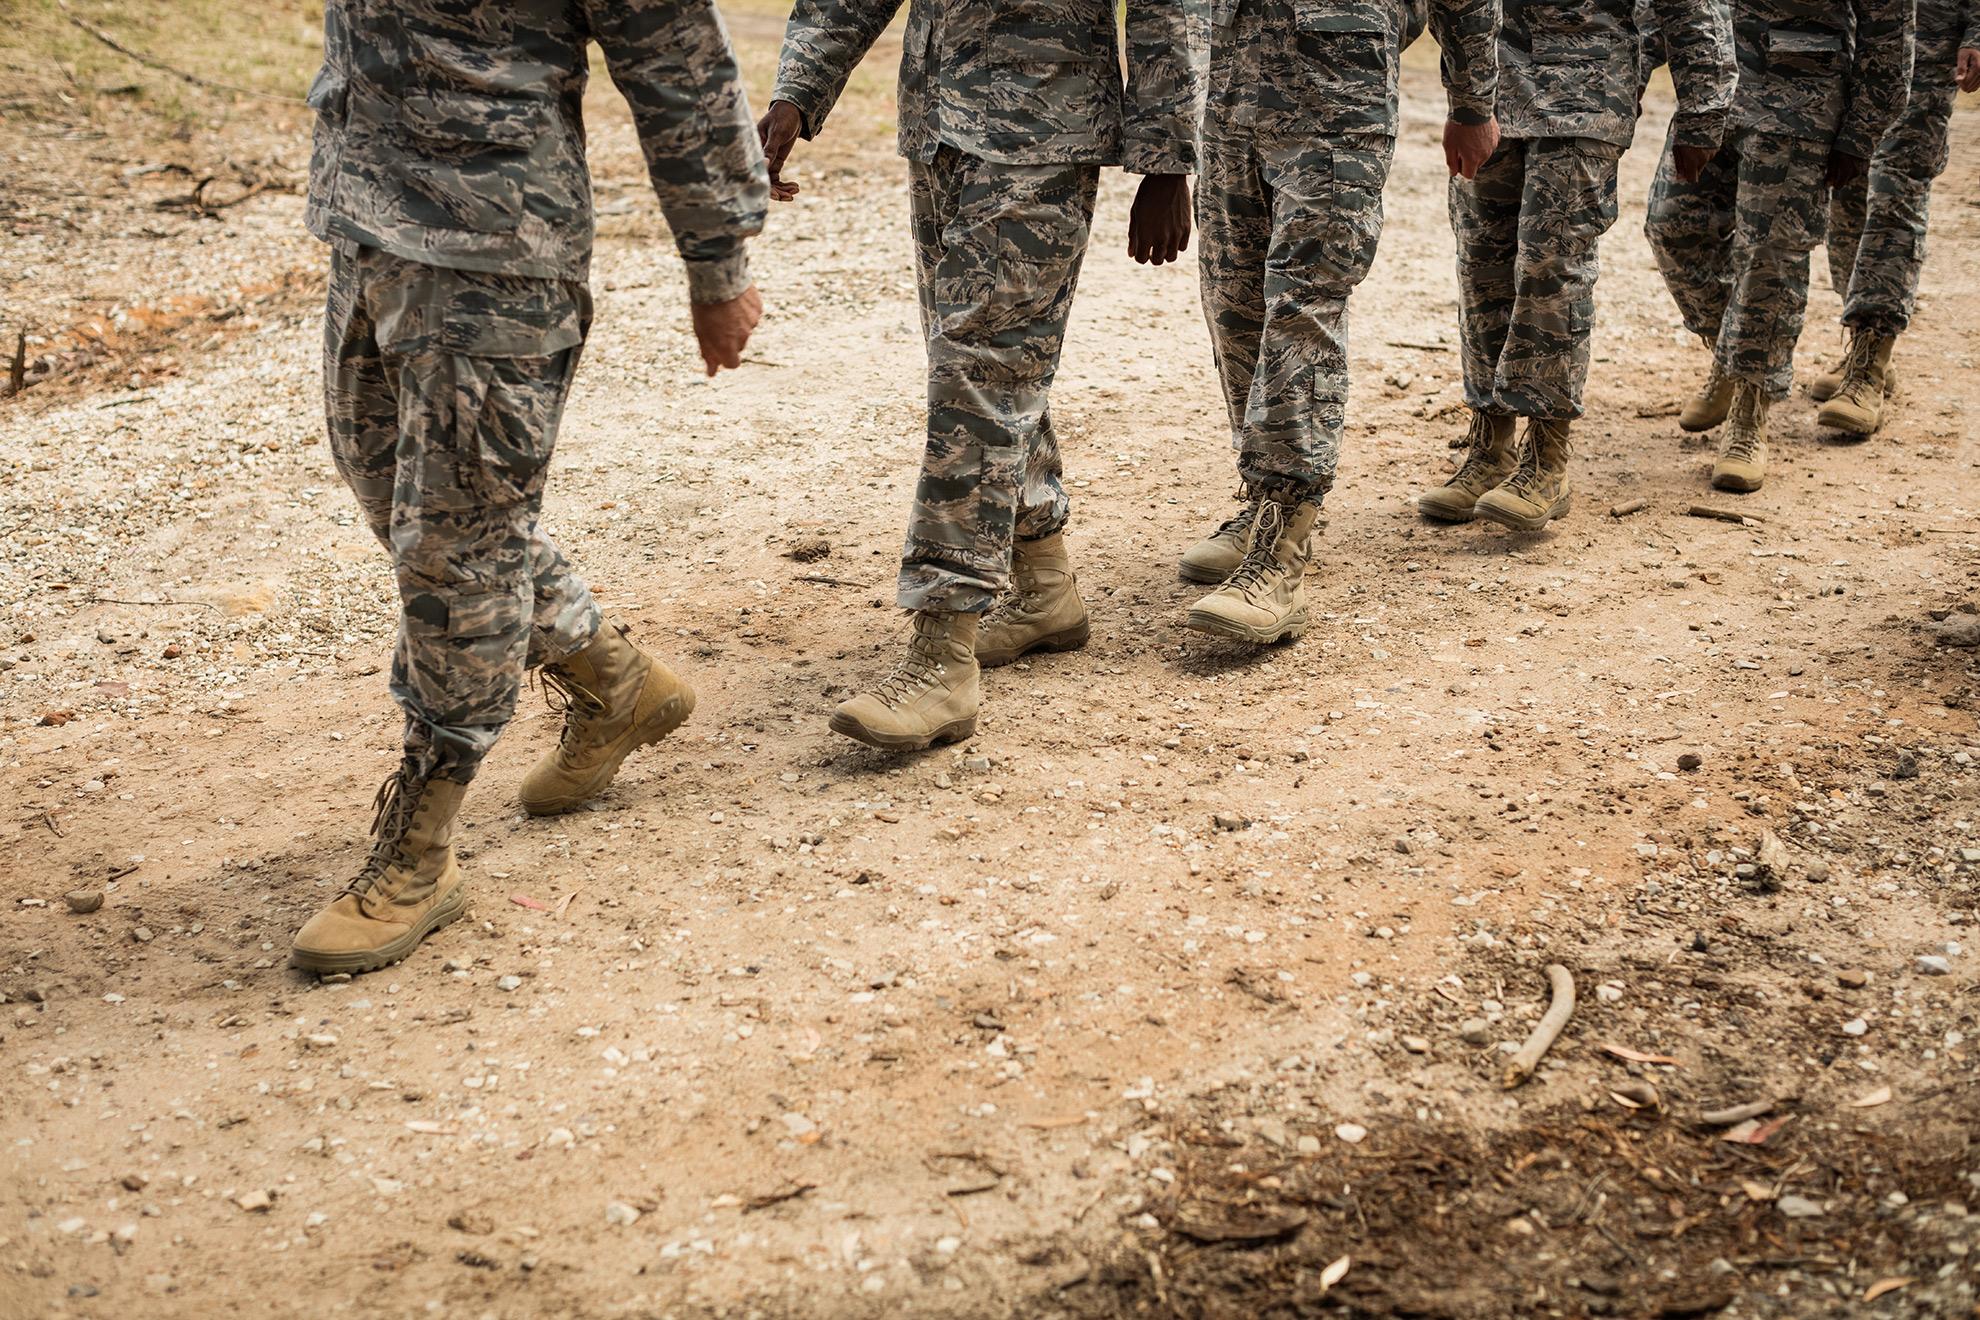 grupa maszerujących żołnierzy, ilustracja do artykułu